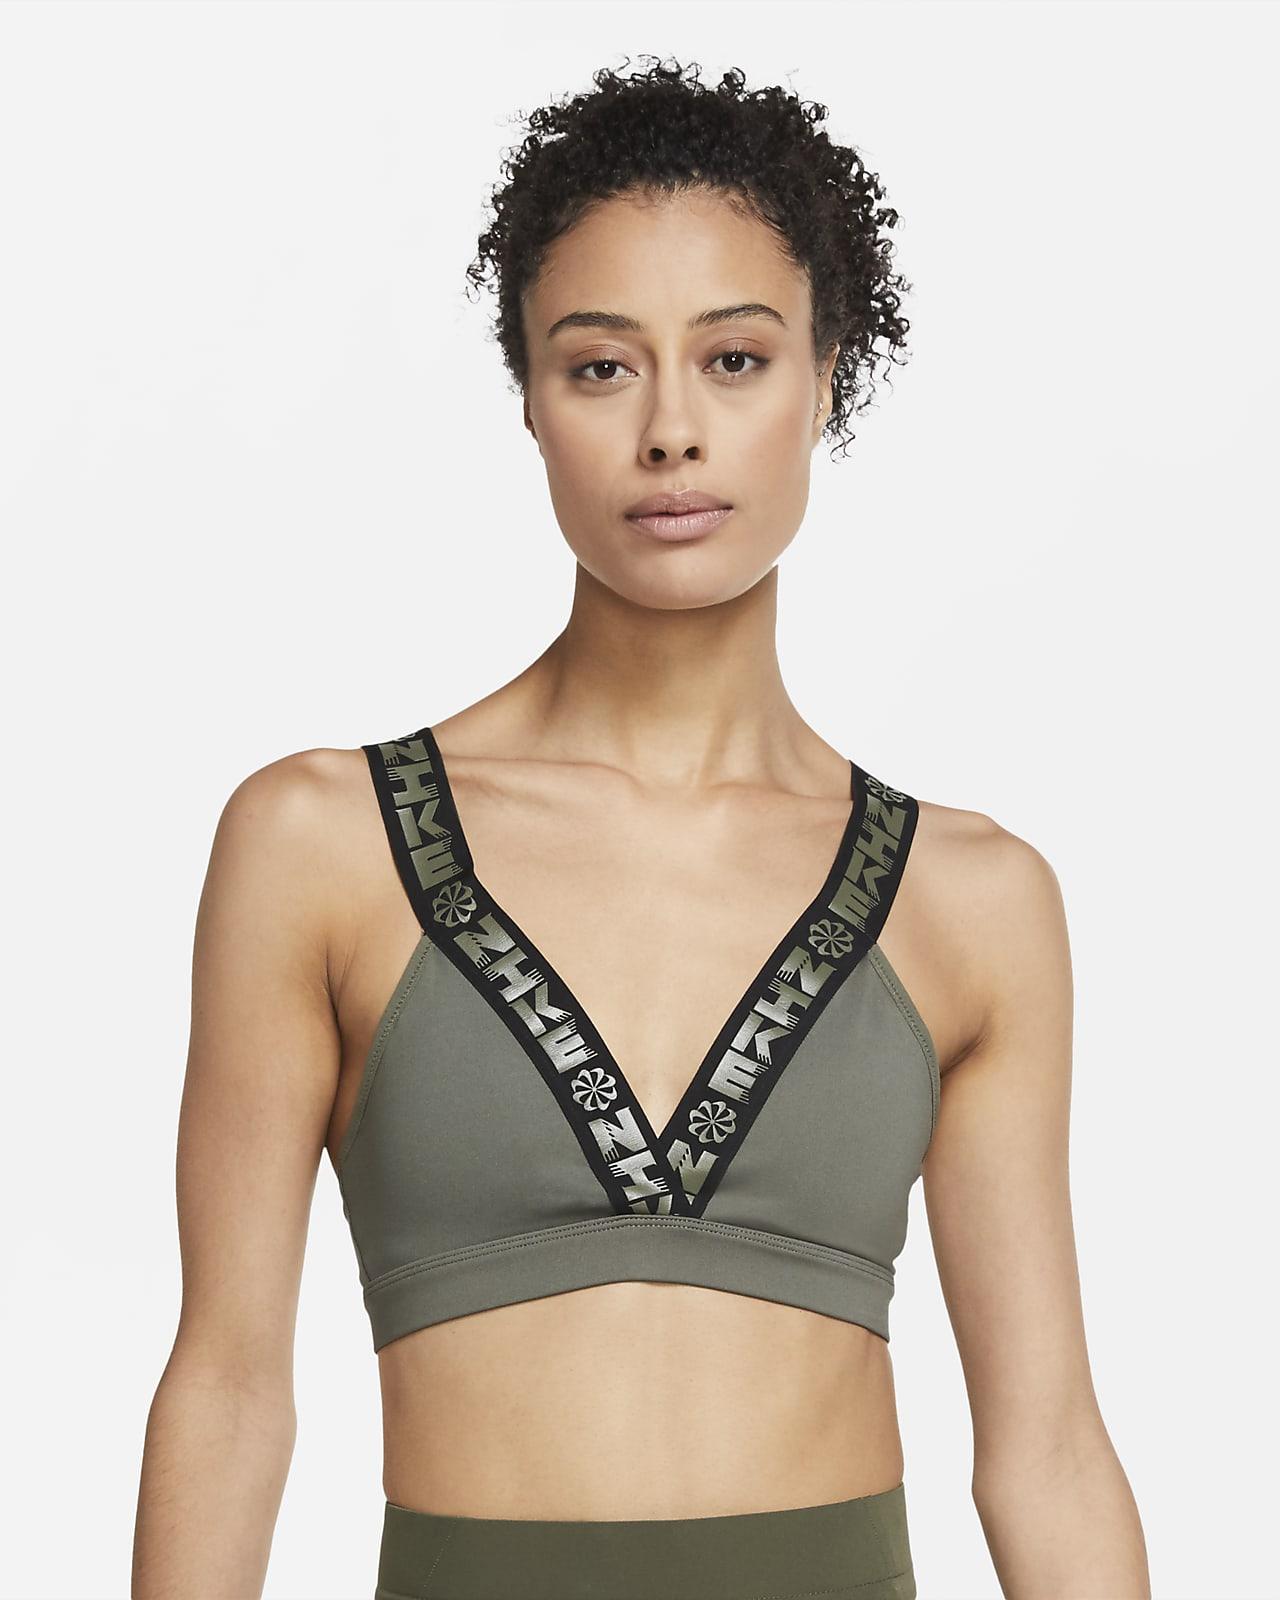 Bra scollato imbottito a sostegno leggero Nike Indy Icon Clash - Donna